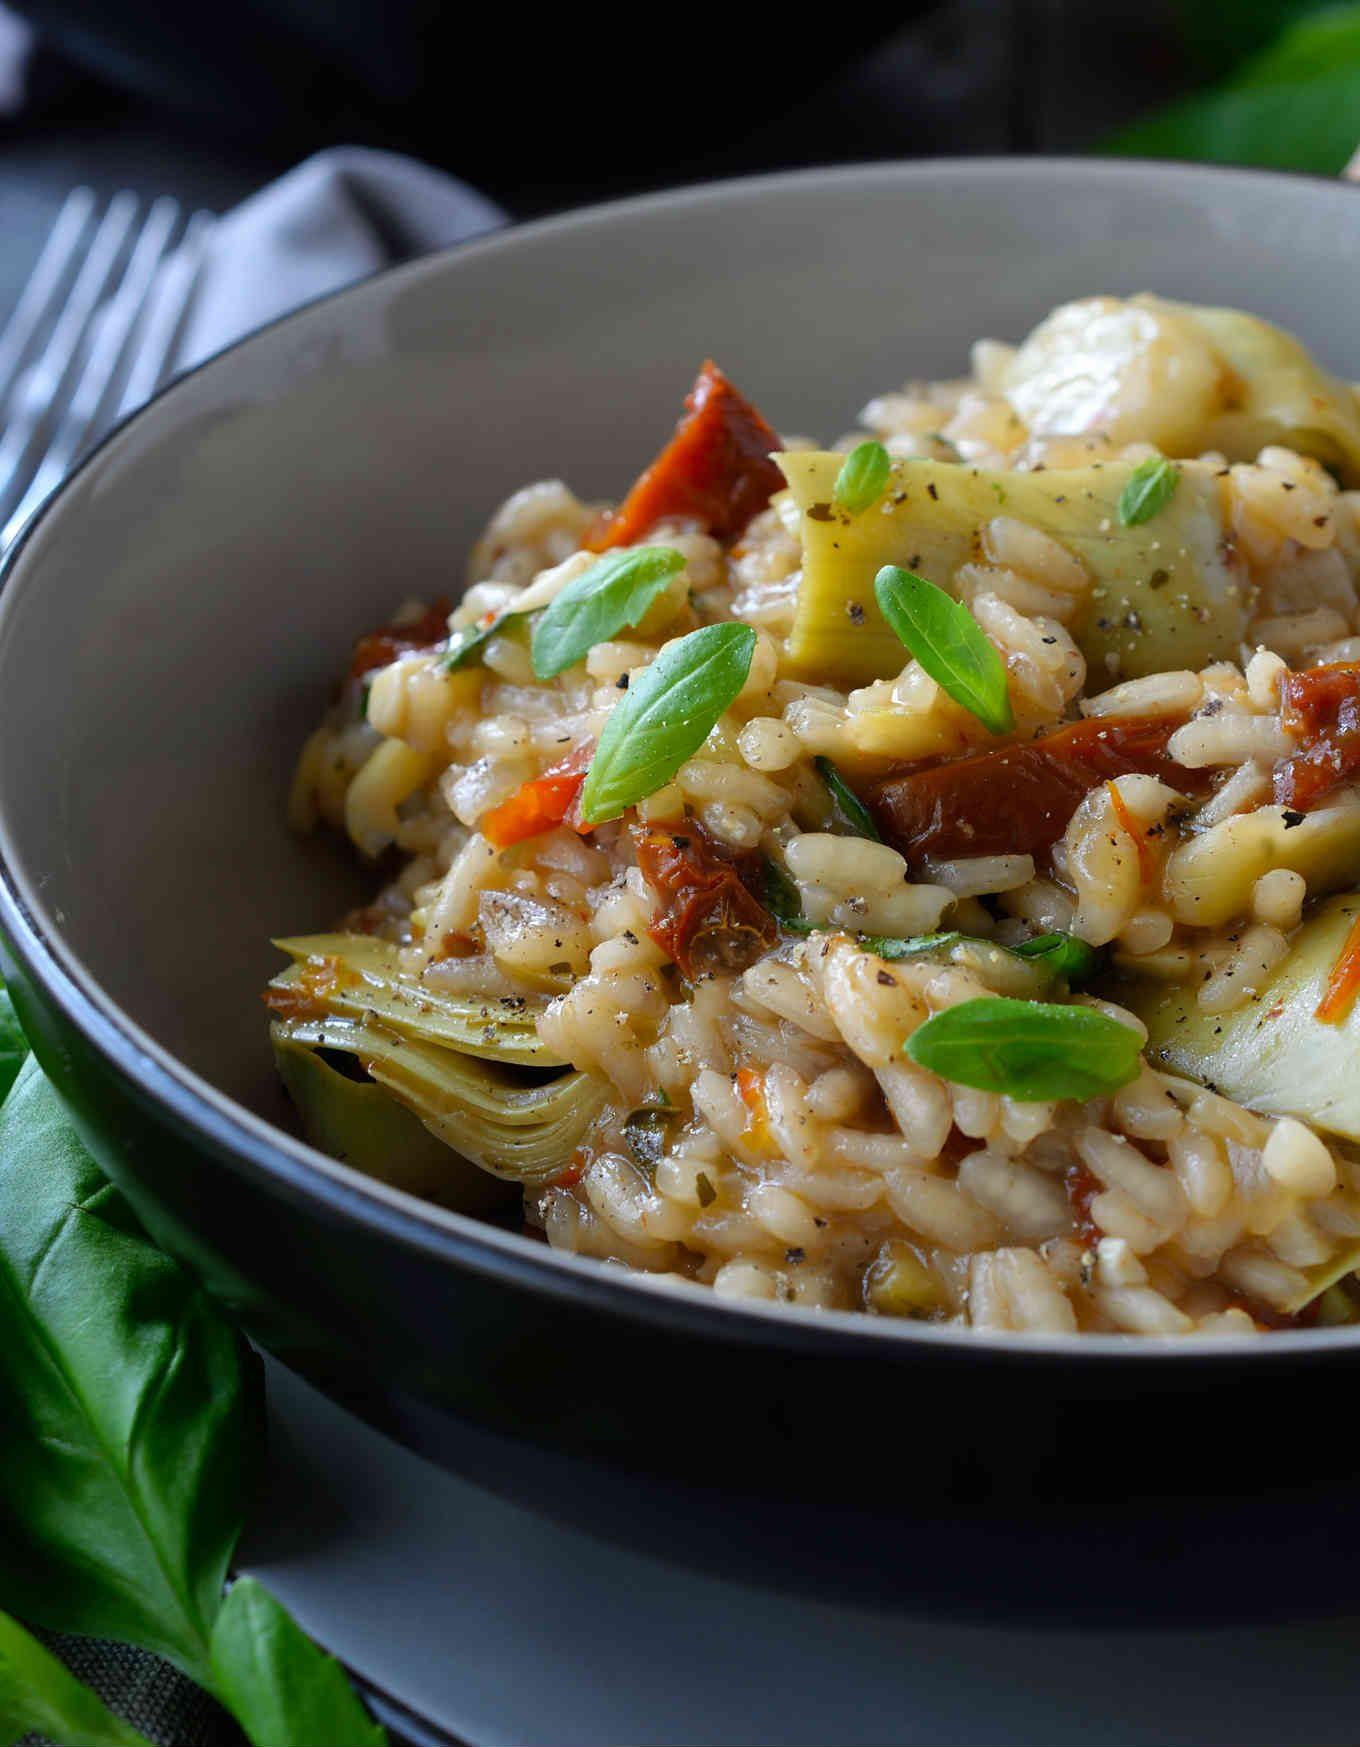 Risotto de alcachofas y tomates secos es una receta vegana de risotto fácil y deliciosa. Lleno de los sabores del Mediterráneo, este risotto es perfecto para vegetarianos y no-vegetarianos también.